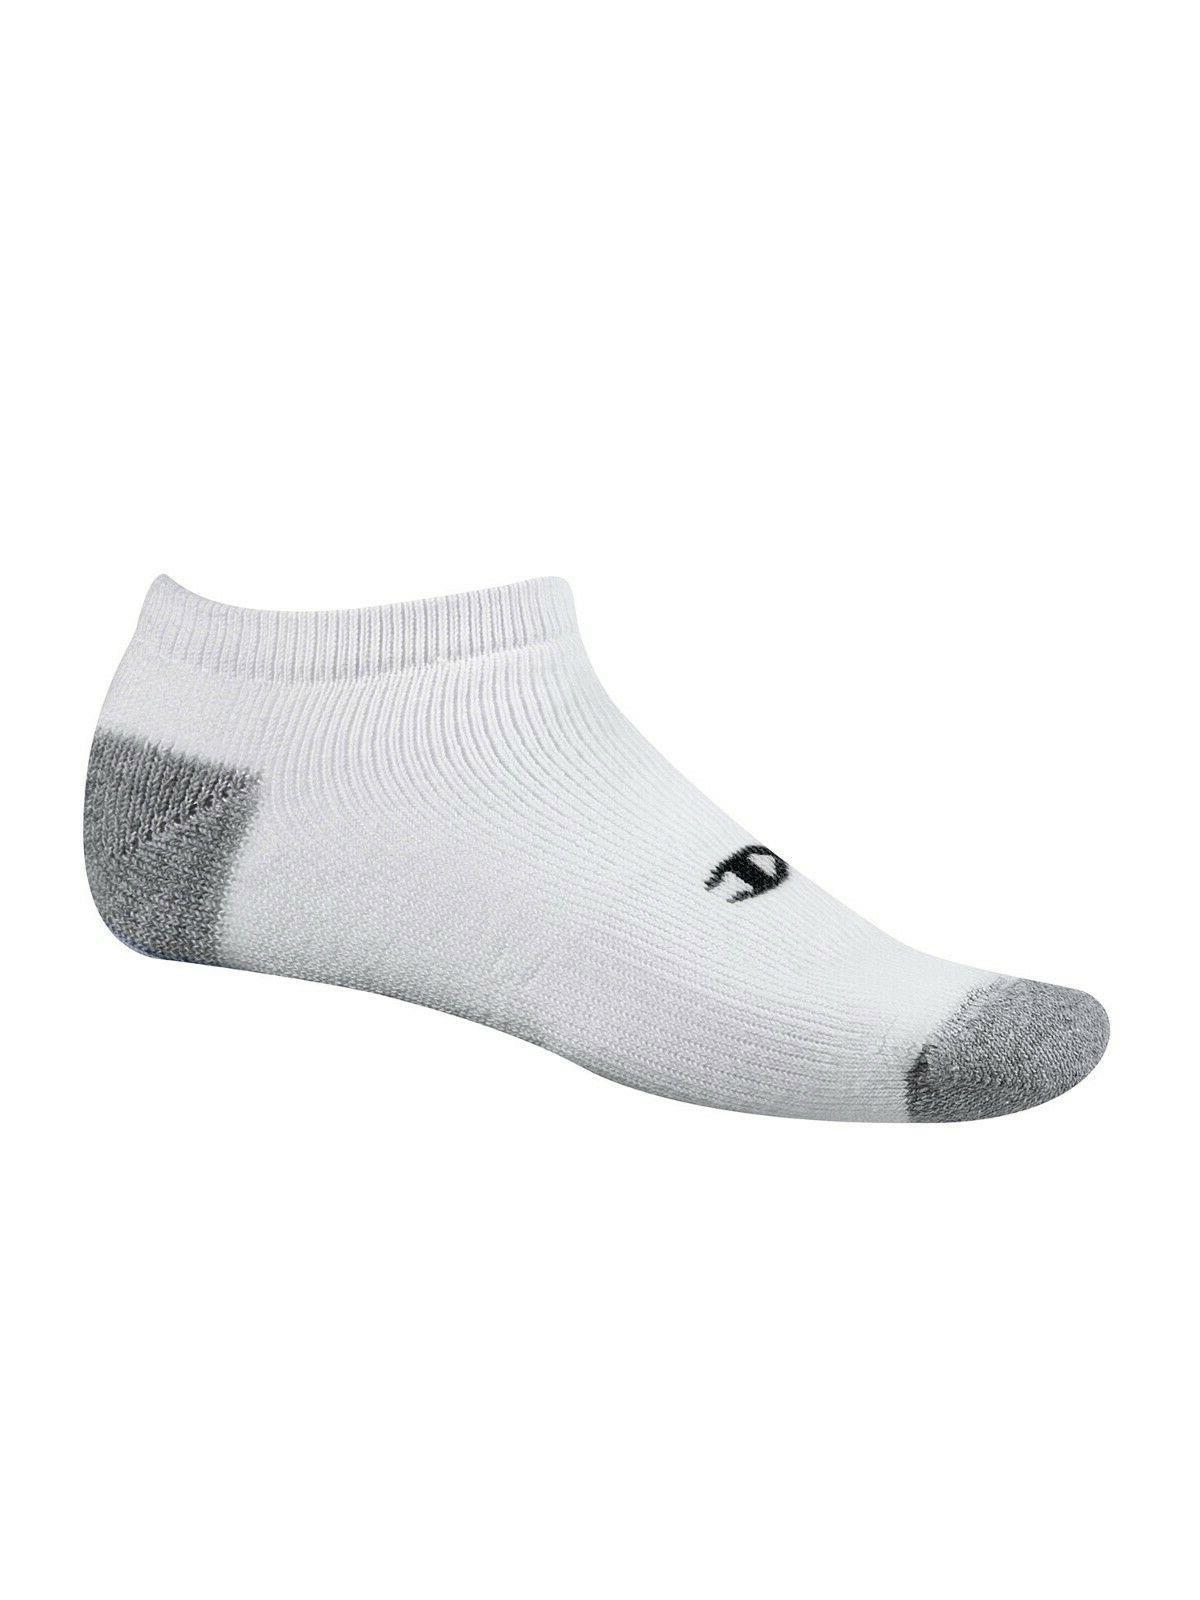 value cut socks